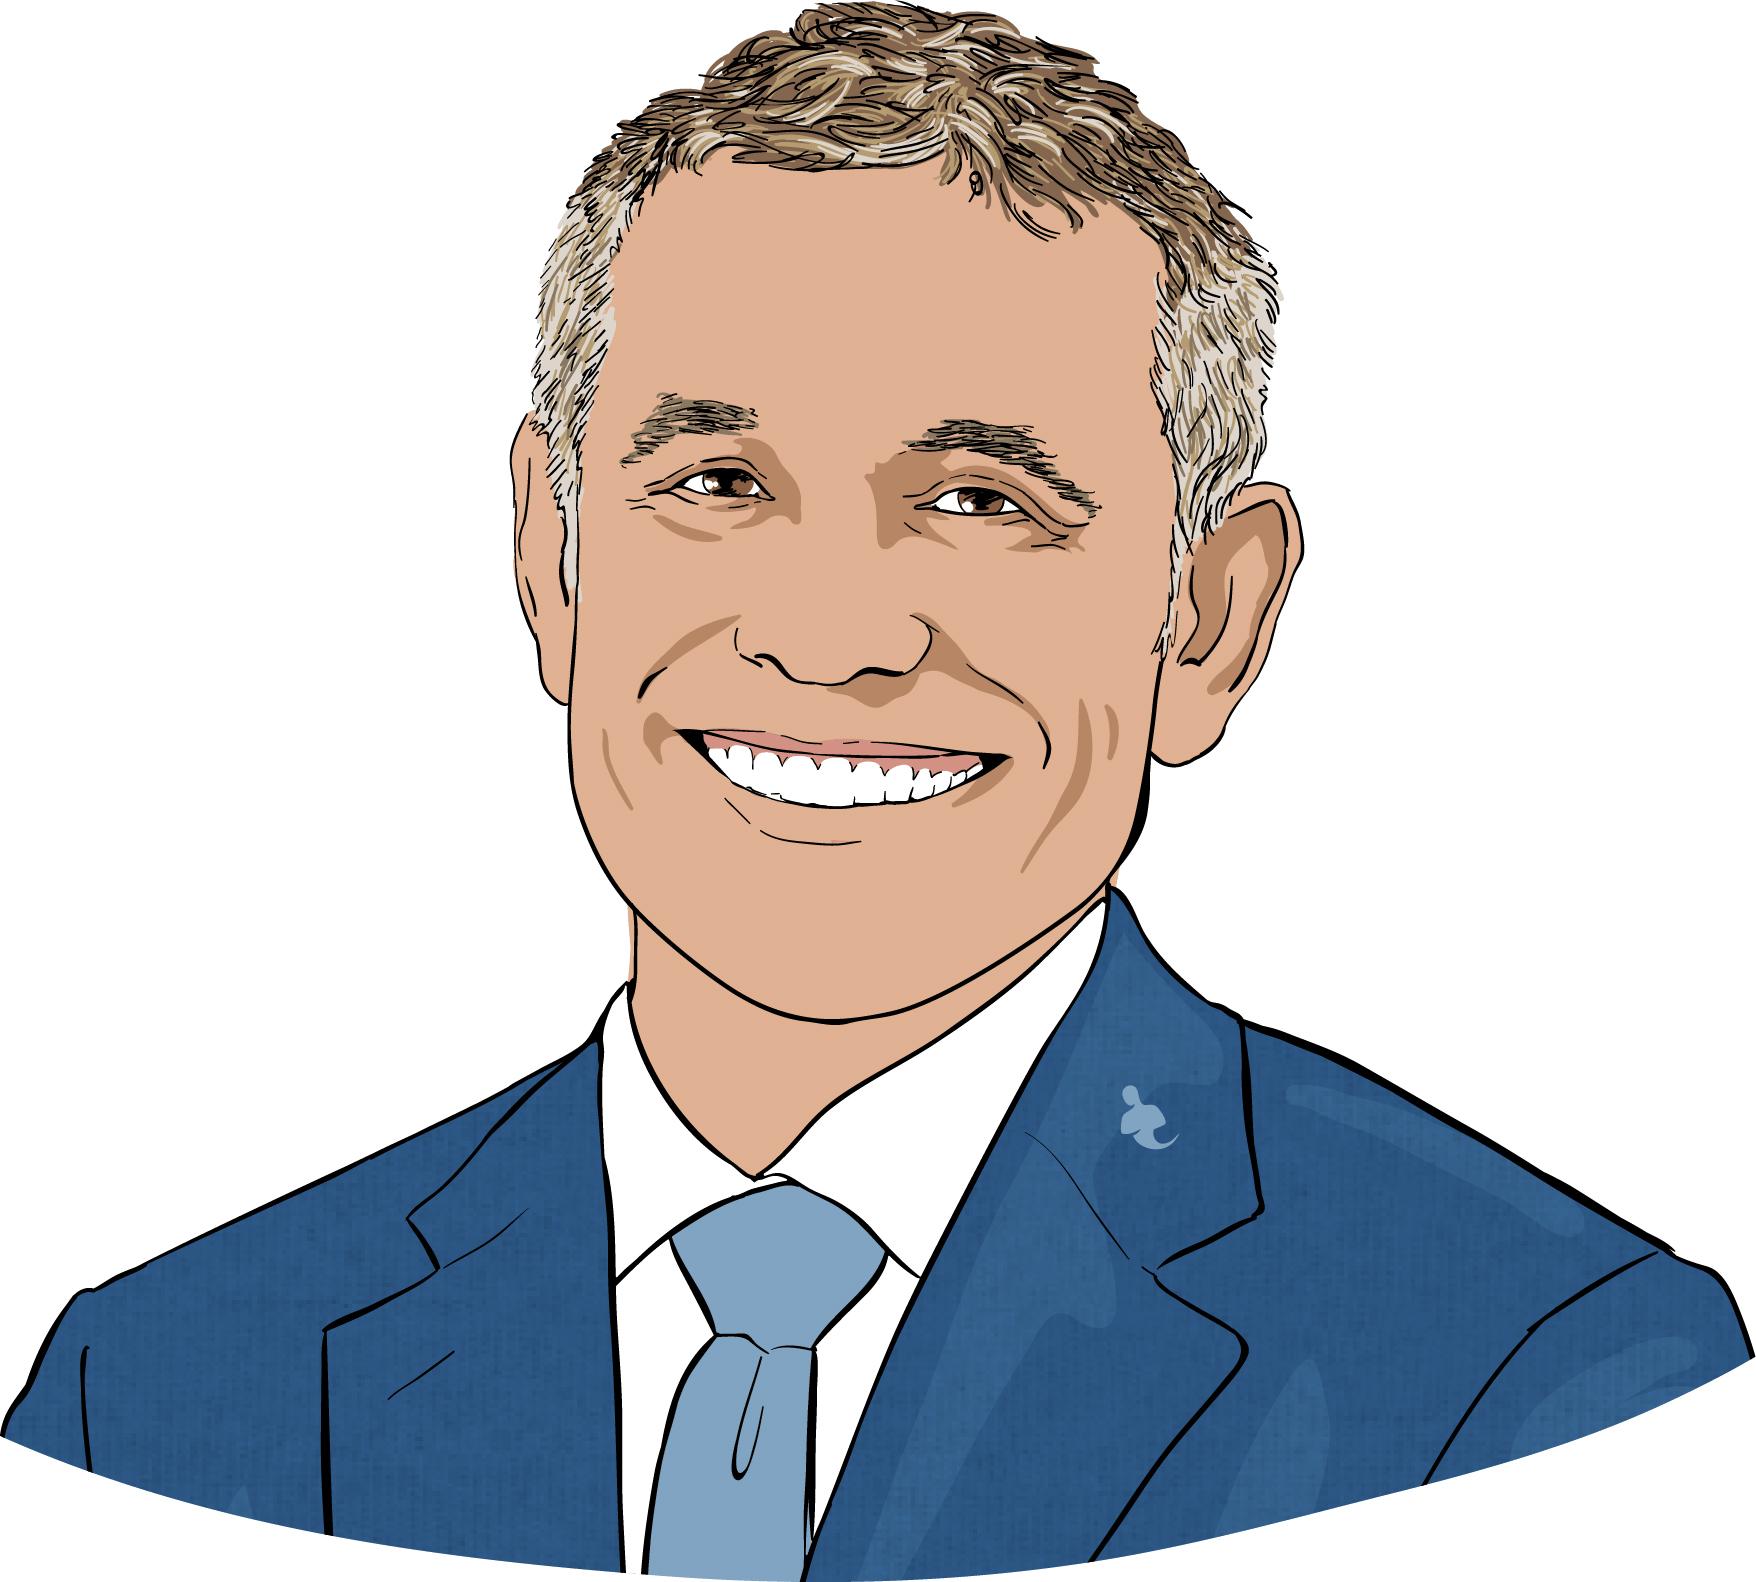 Chuyên gia khẳng định: Đầu tư bất động sản là thông minh nhất hiện nay - 4